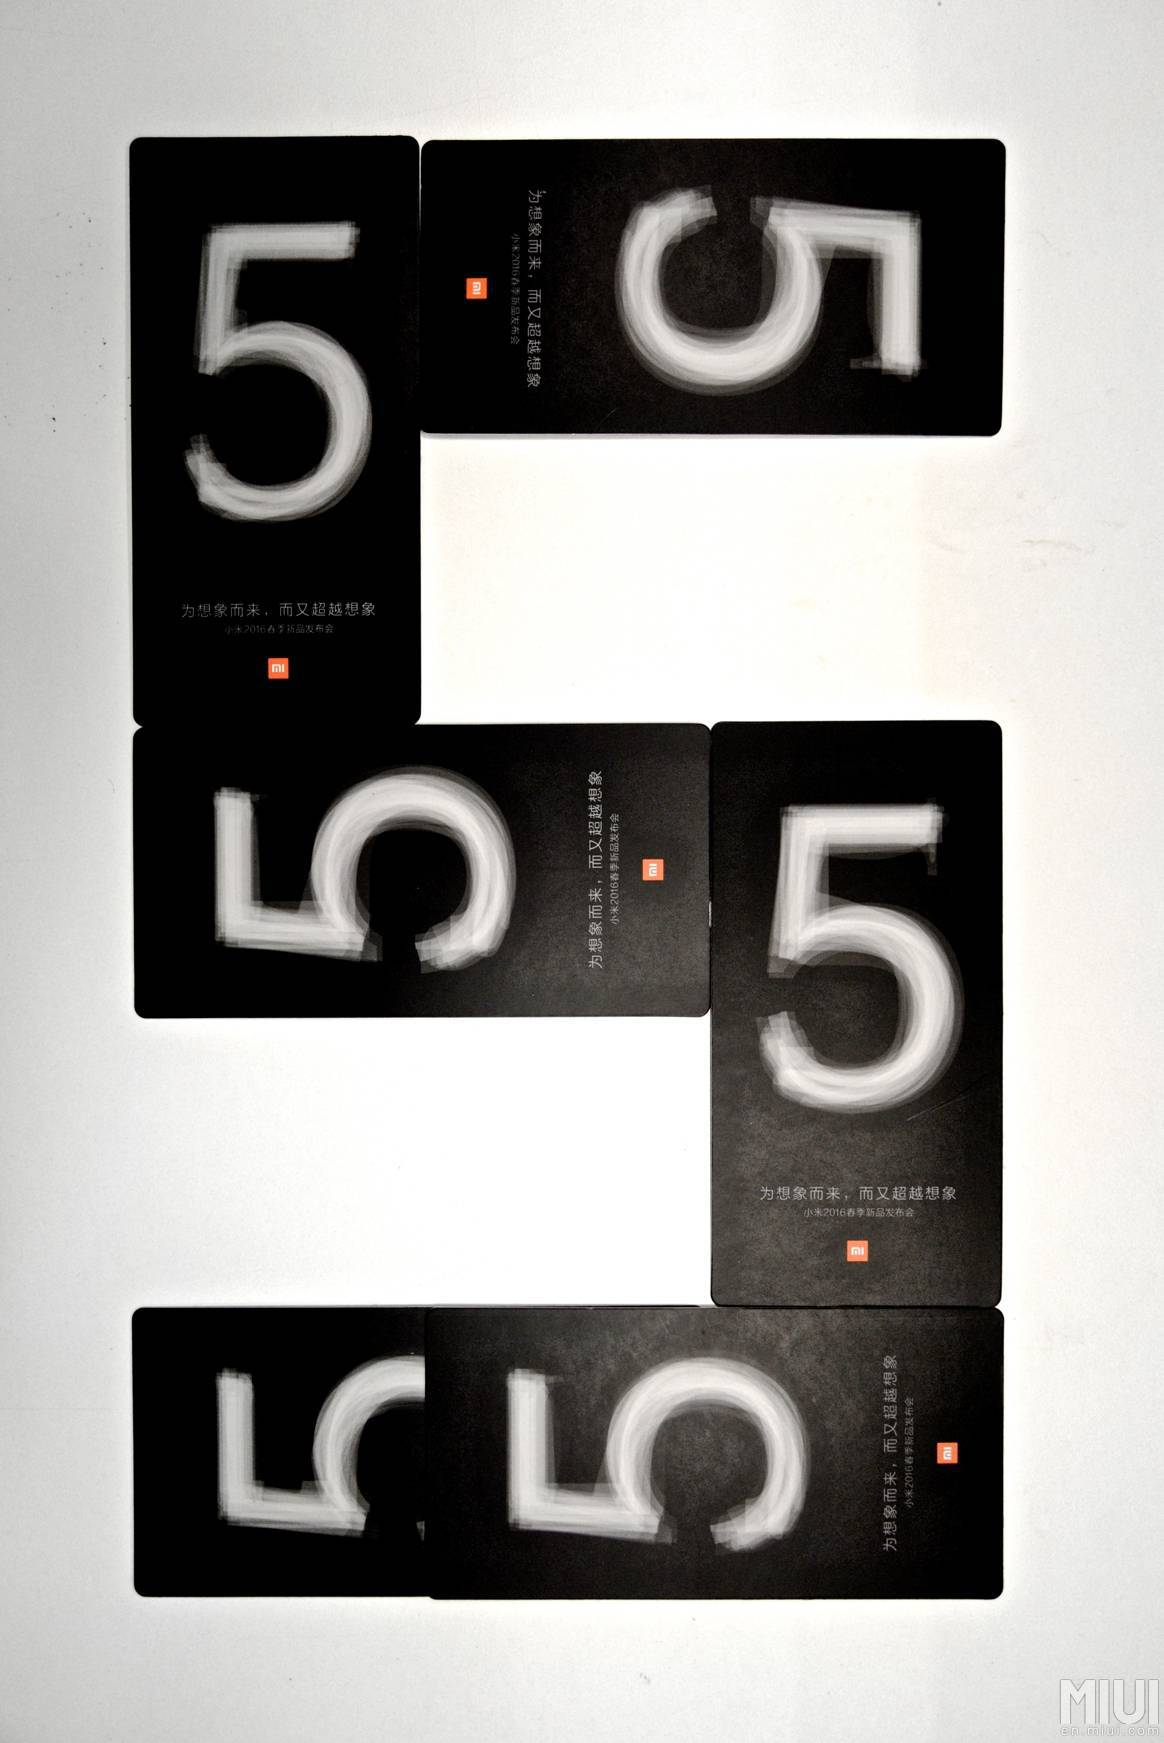 Xiaomi Mi 5 invitation 5